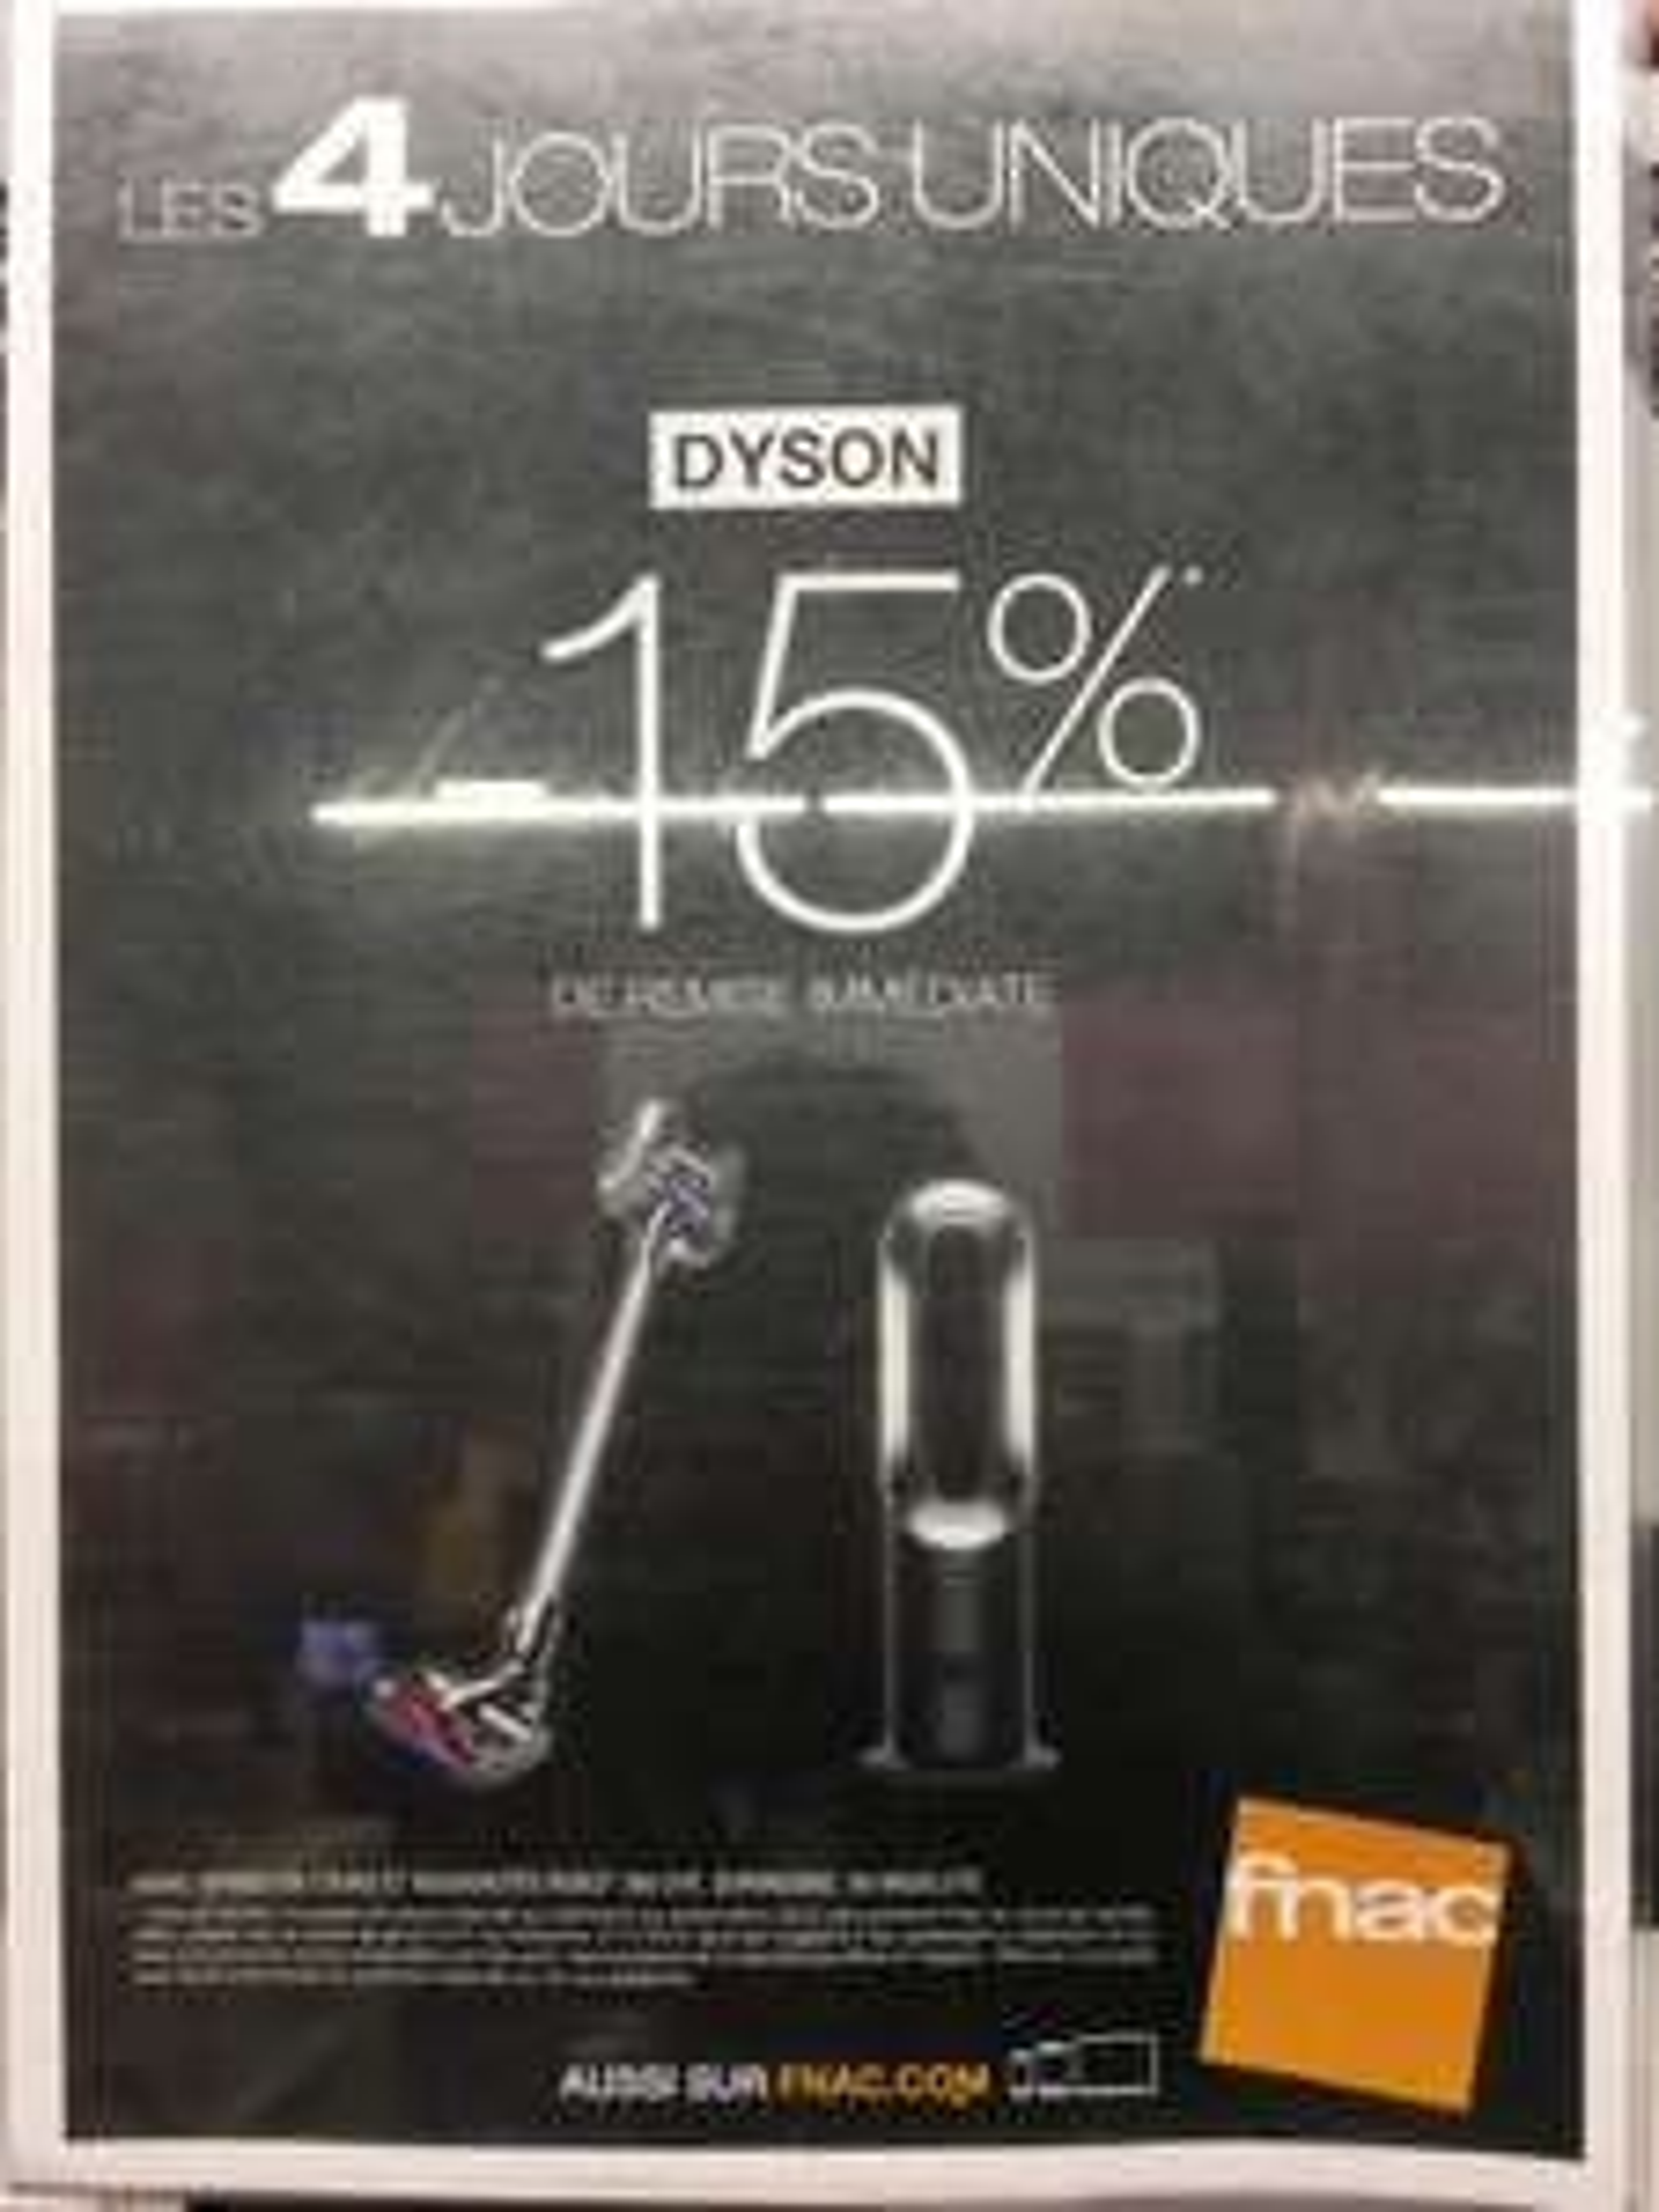 [Adhérents] 15% de réduction sur les produits de la marque Dyson (hors nouveautés)